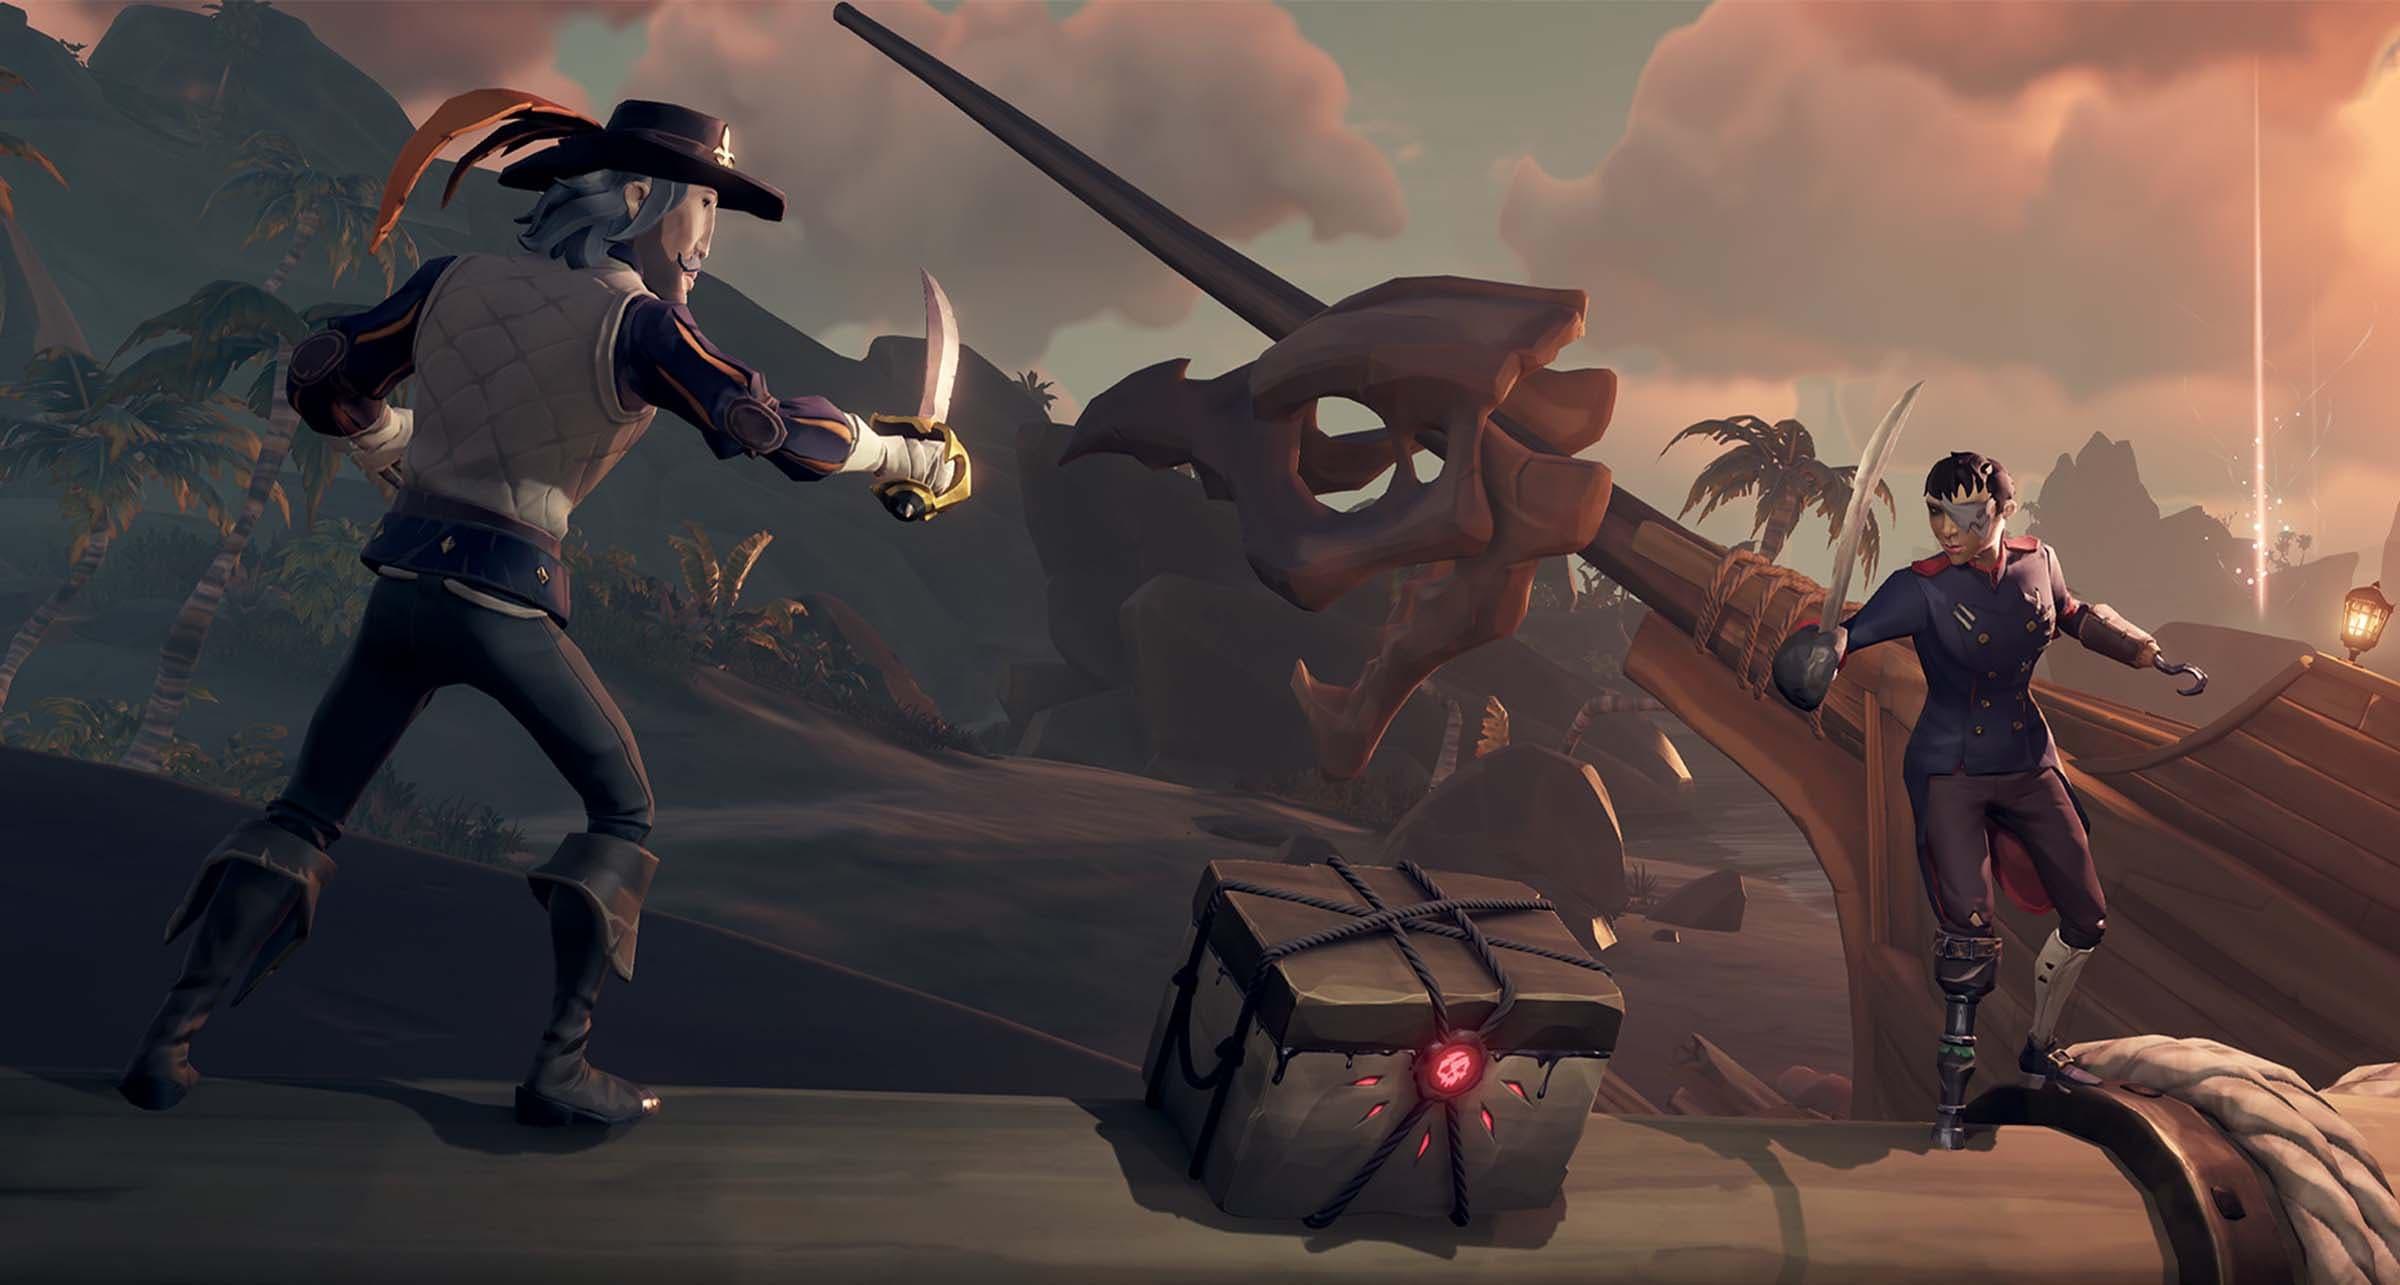 Sea of Thieves recibe nuevos contenidos en una nueva actualización, Dark Relics